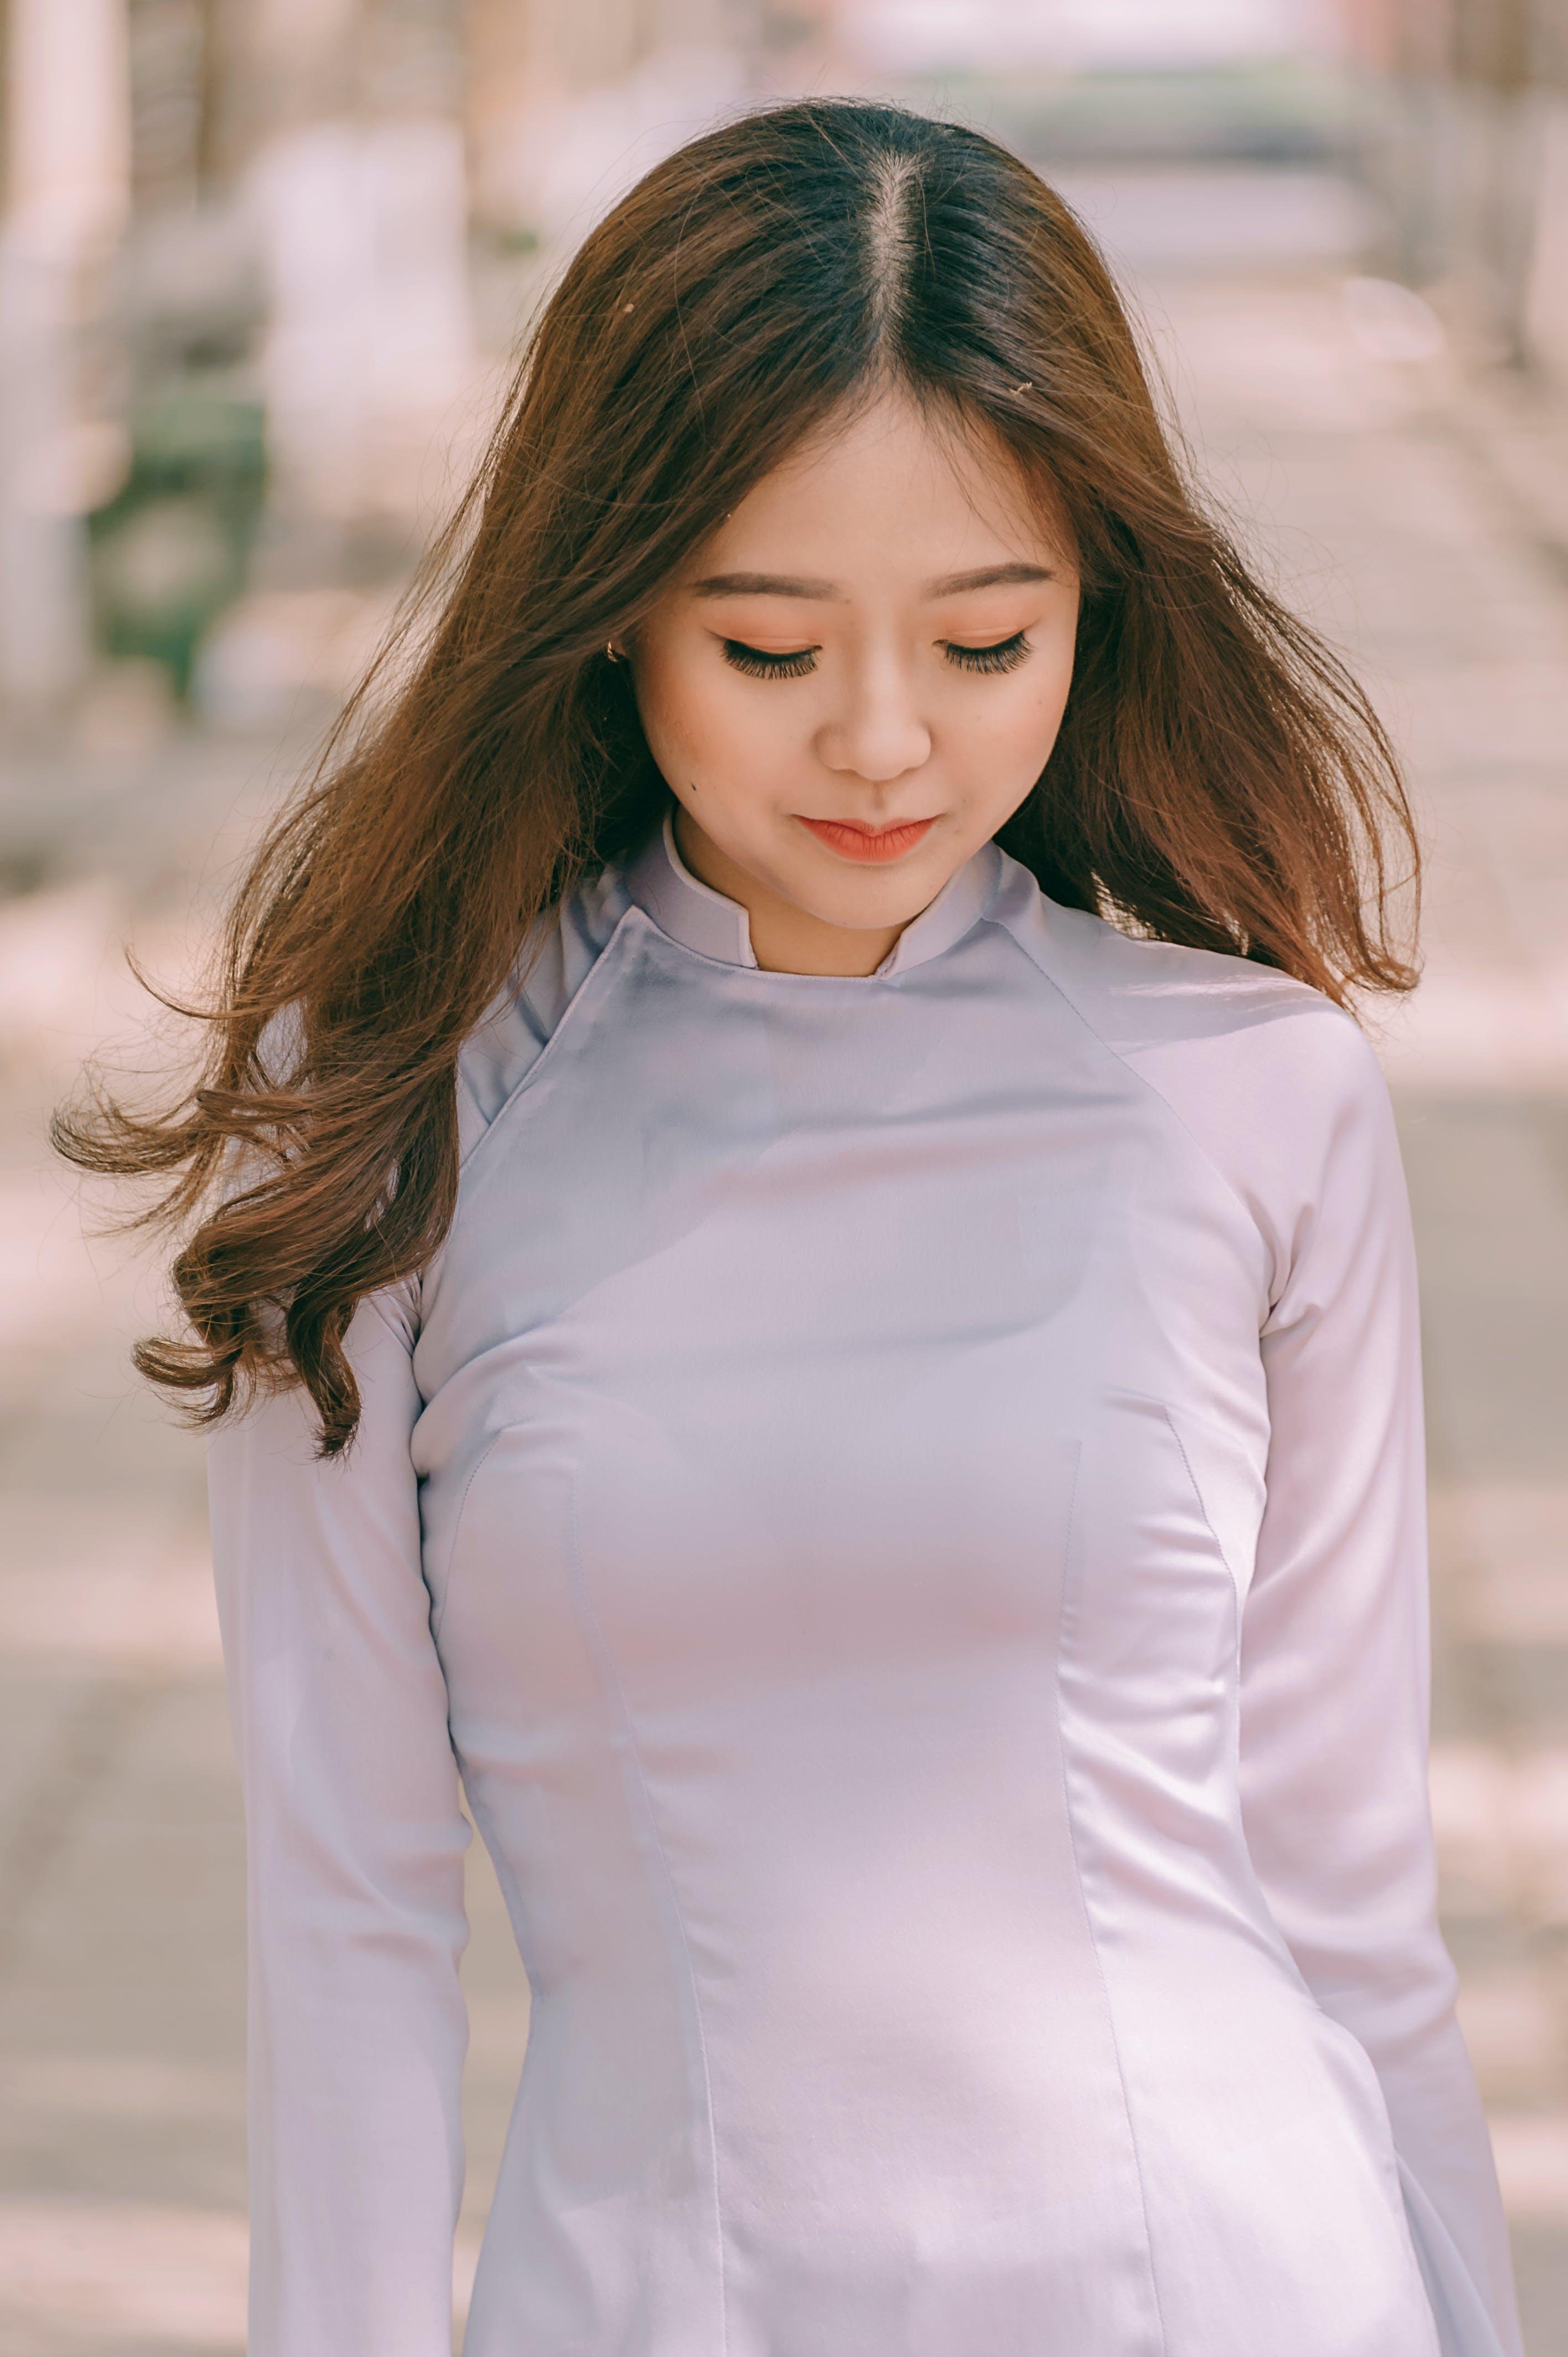 Gratis stockfoto met aantrekkelijk, aantrekkelijk mooi, Aziatische vrouw, blurry achtergrond